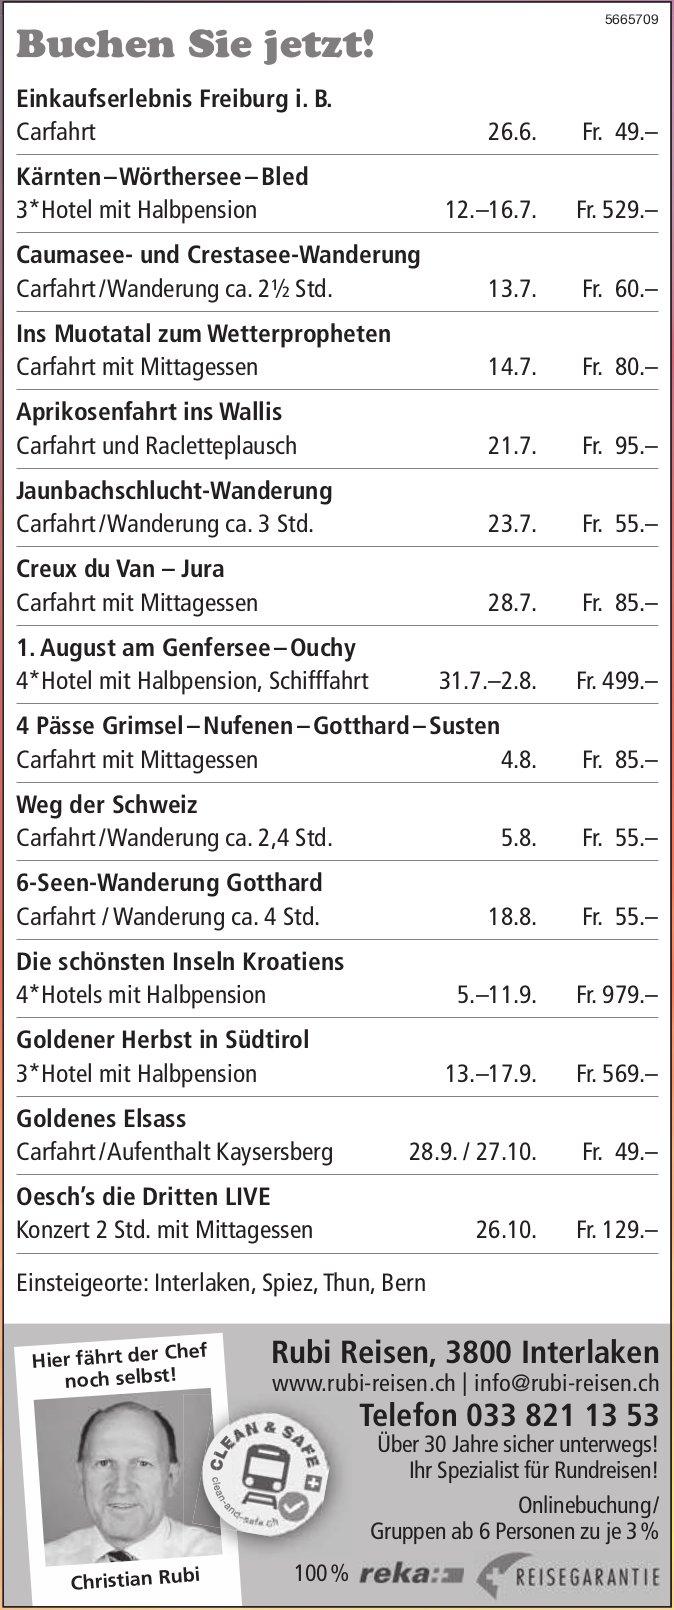 Rubi Reisen, Interlaken - Buchen Sie jetzt!